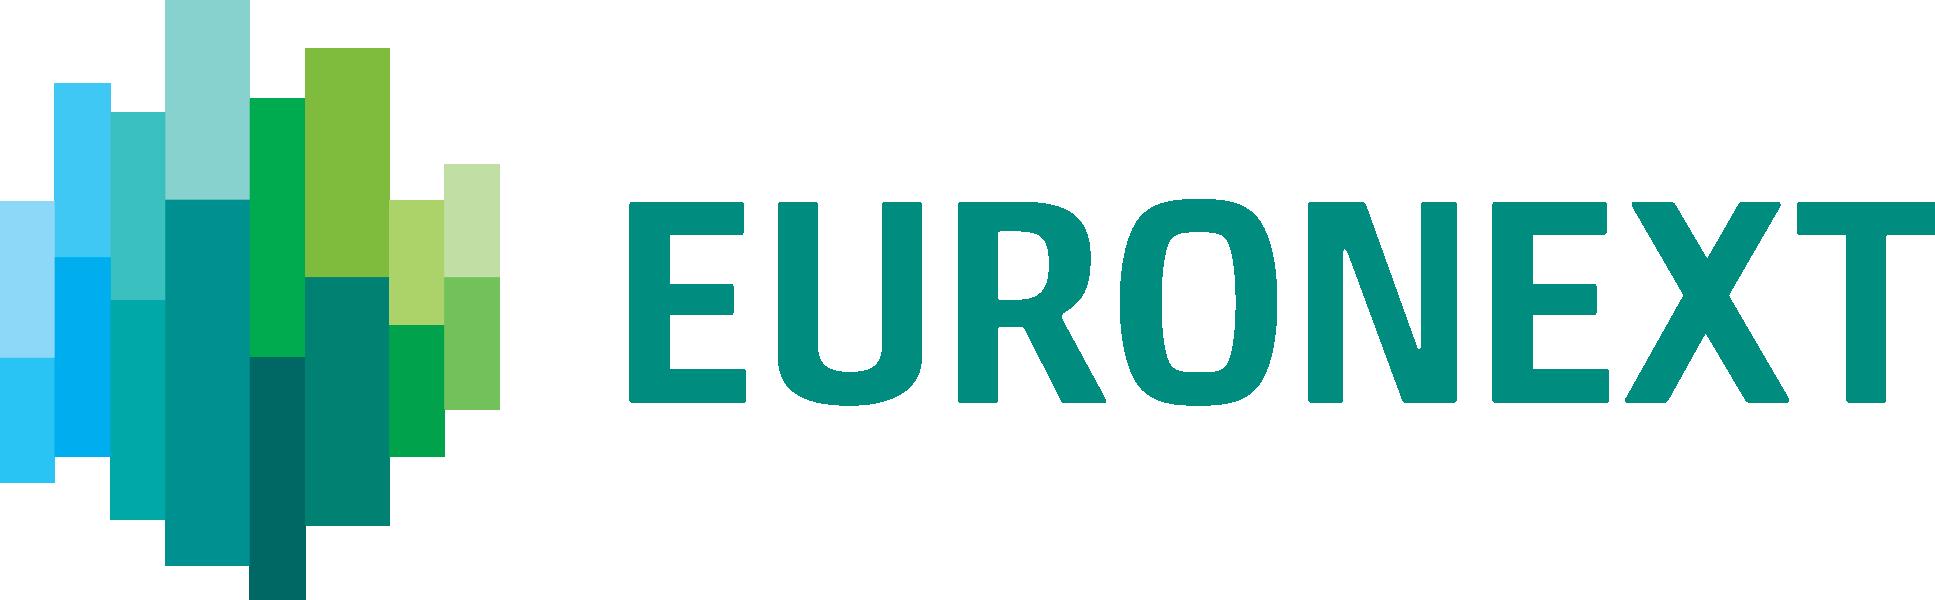 EURONEXT (ENX)